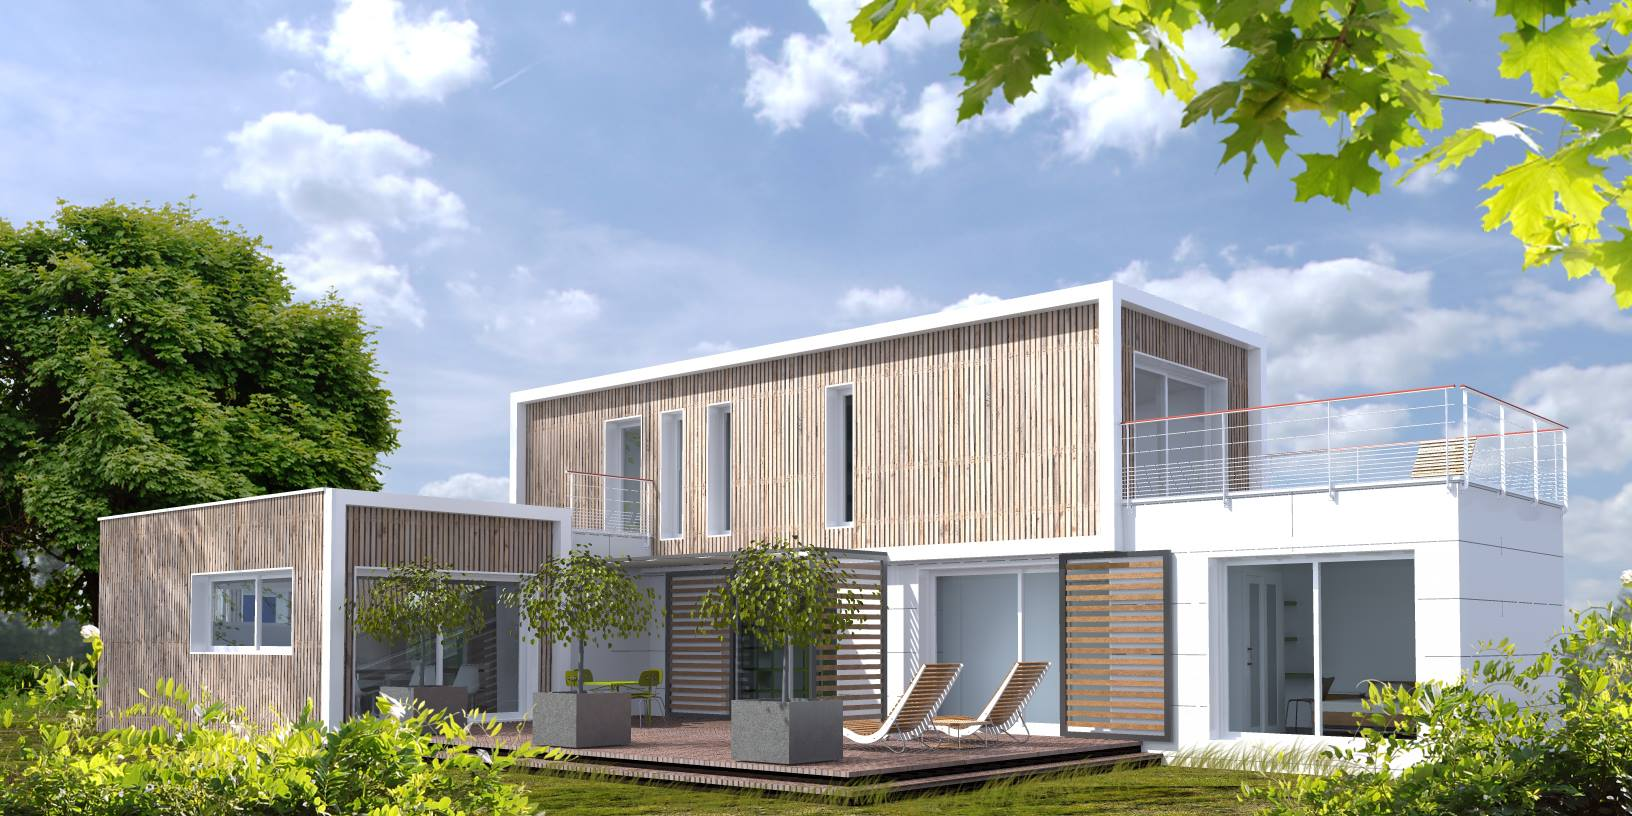 Construction maison modulaire ventana blog - Maison modulaire container ...